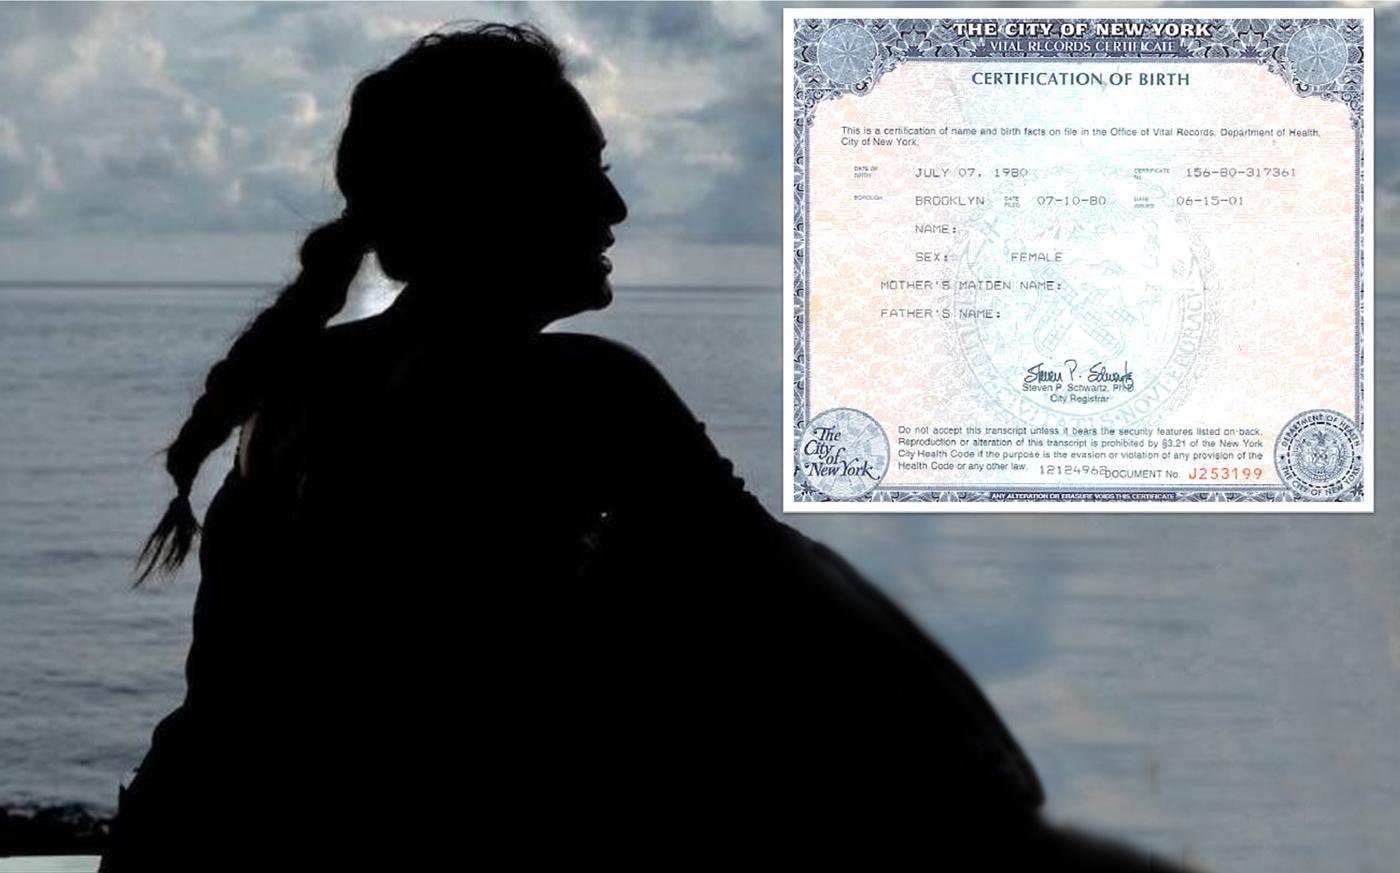 Asombroso El Orden De Nacimiento Certificado De Nyc Ilustración ...